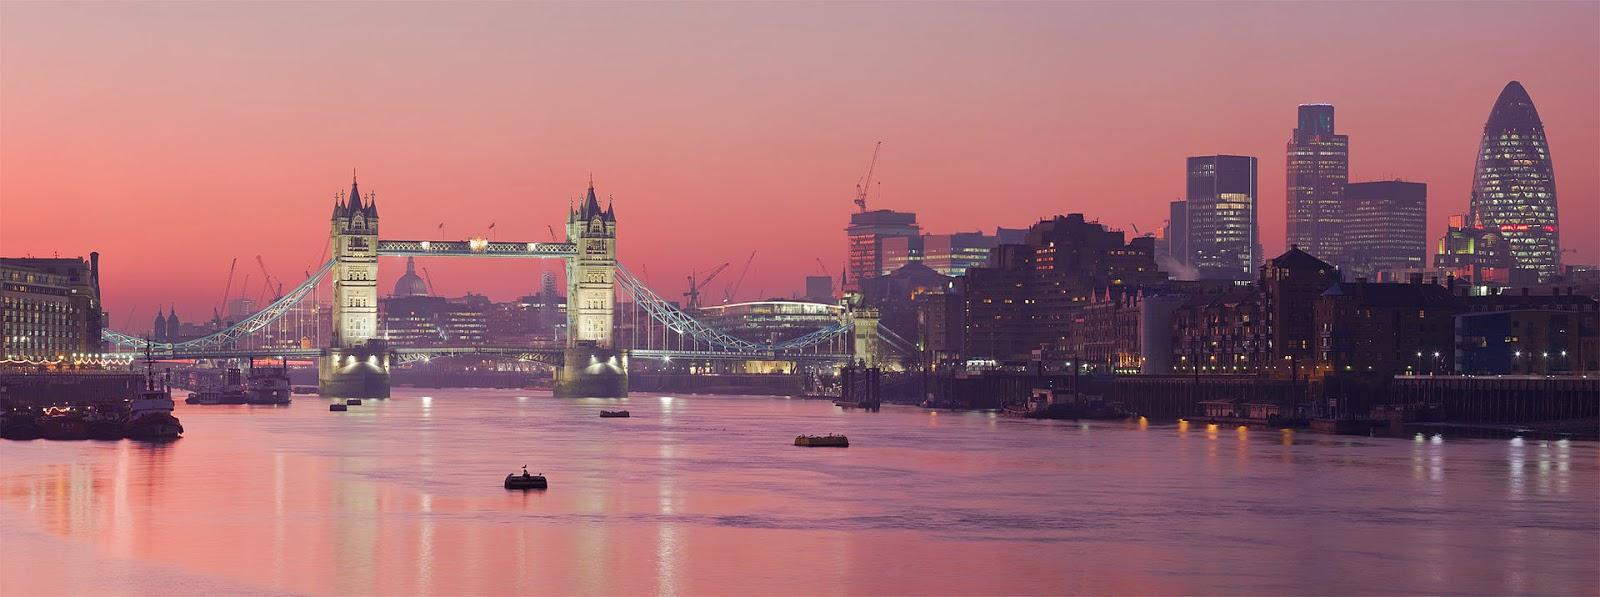 倫敦房地產 倫敦橋